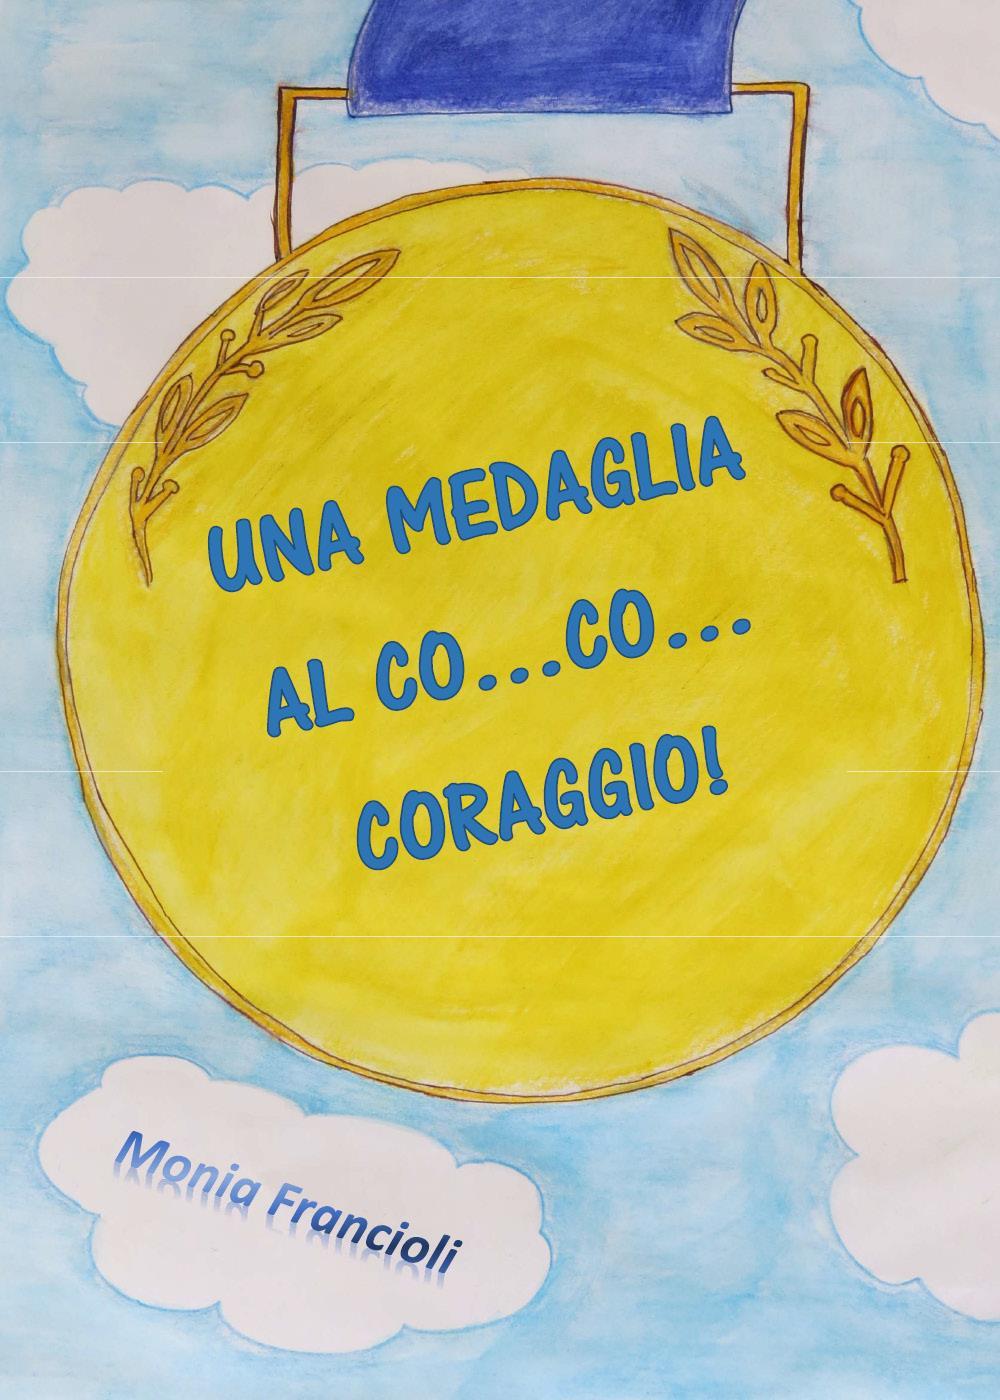 Una medaglia al co...co...coraggio!